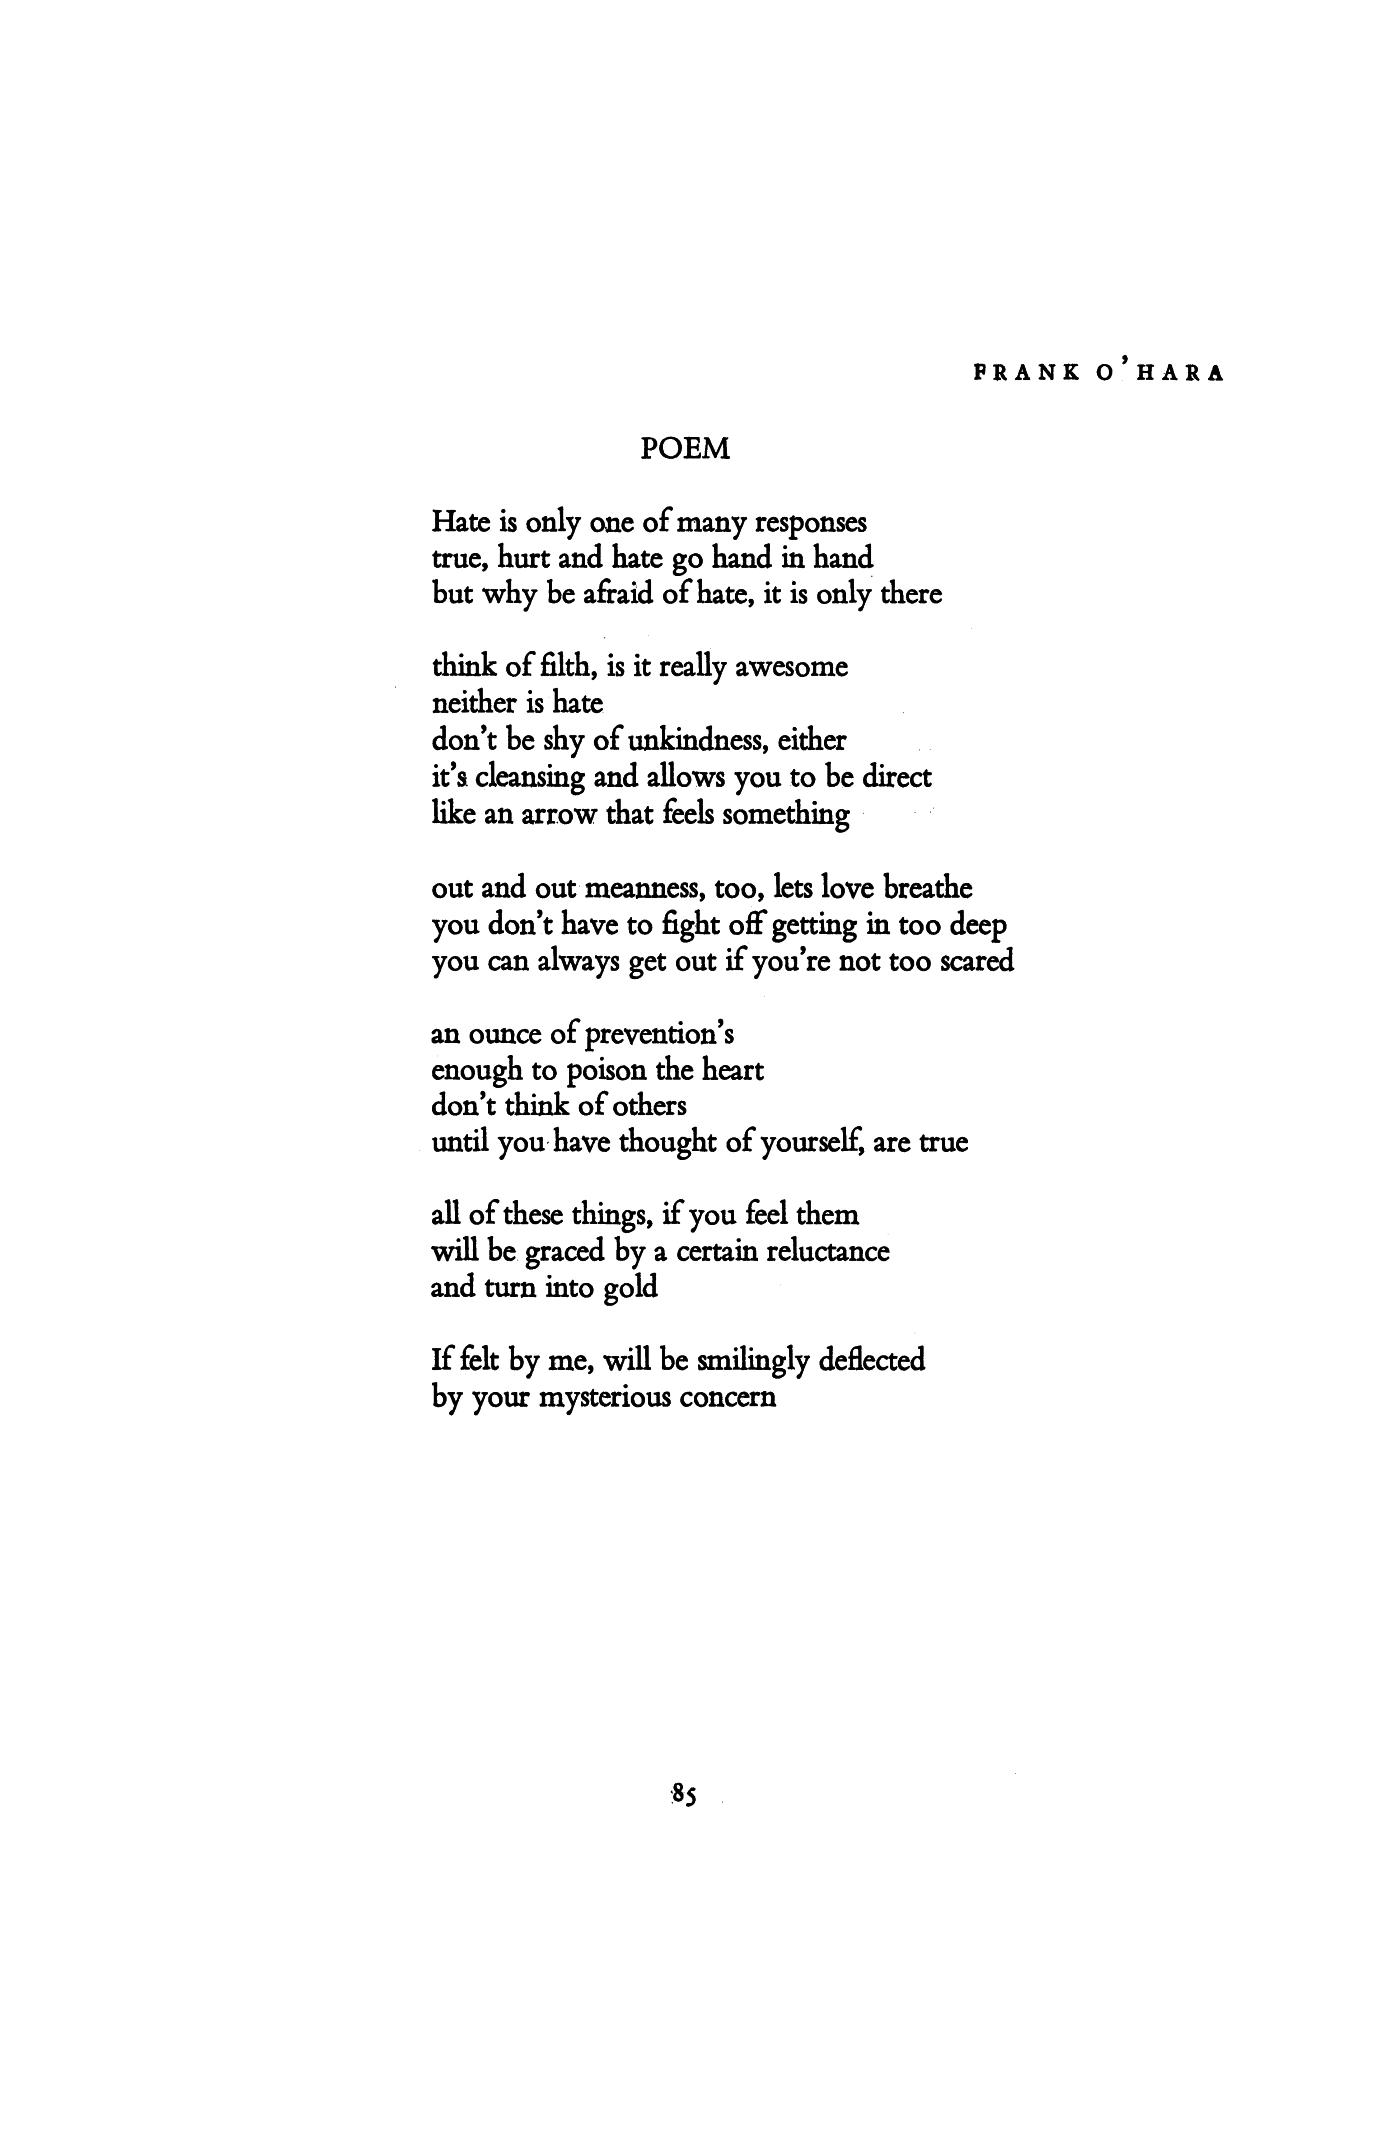 Poem (